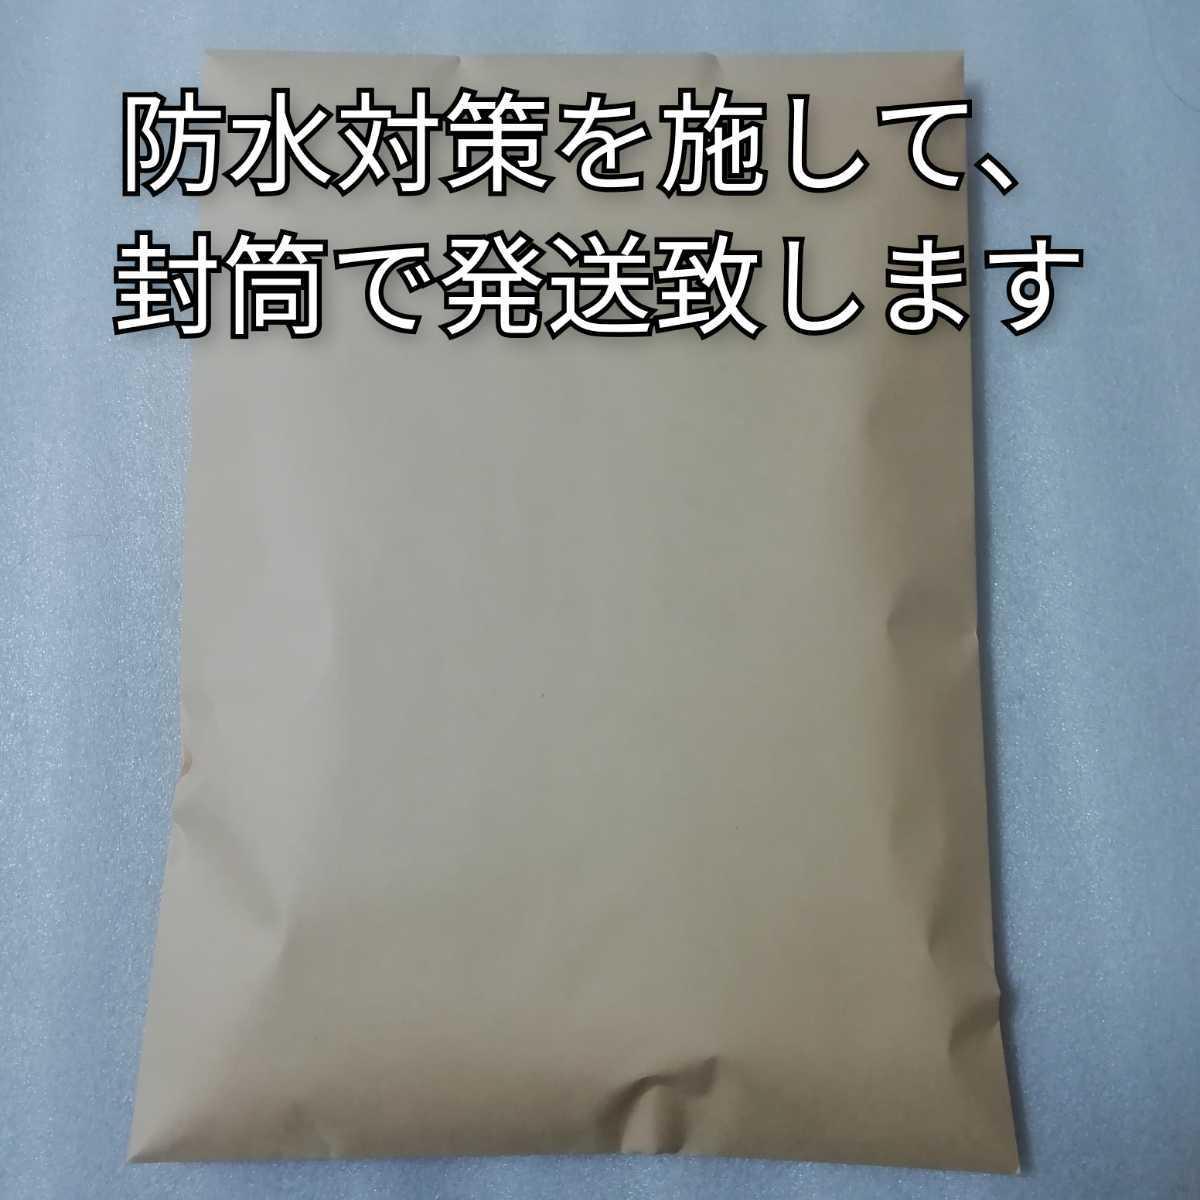 ビクトリーブレンド 20袋 澤井珈琲 ドリップコーヒー_画像2